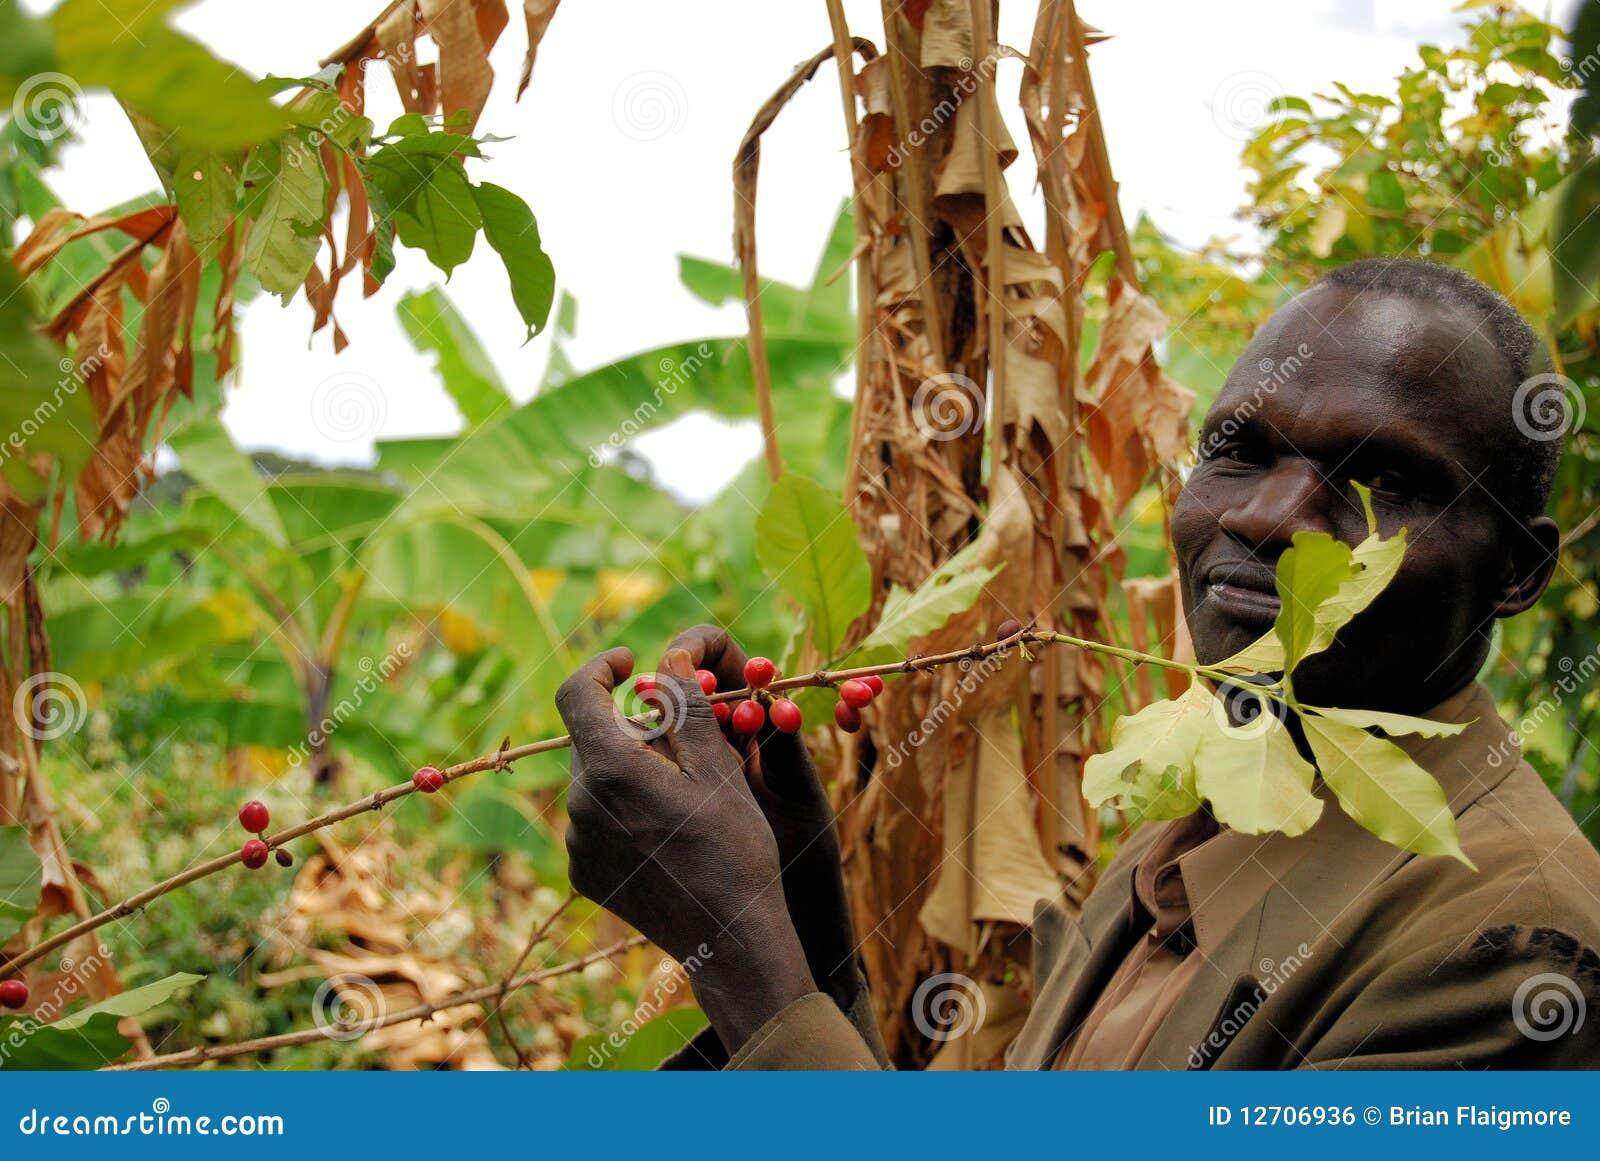 Kawowy rolnik